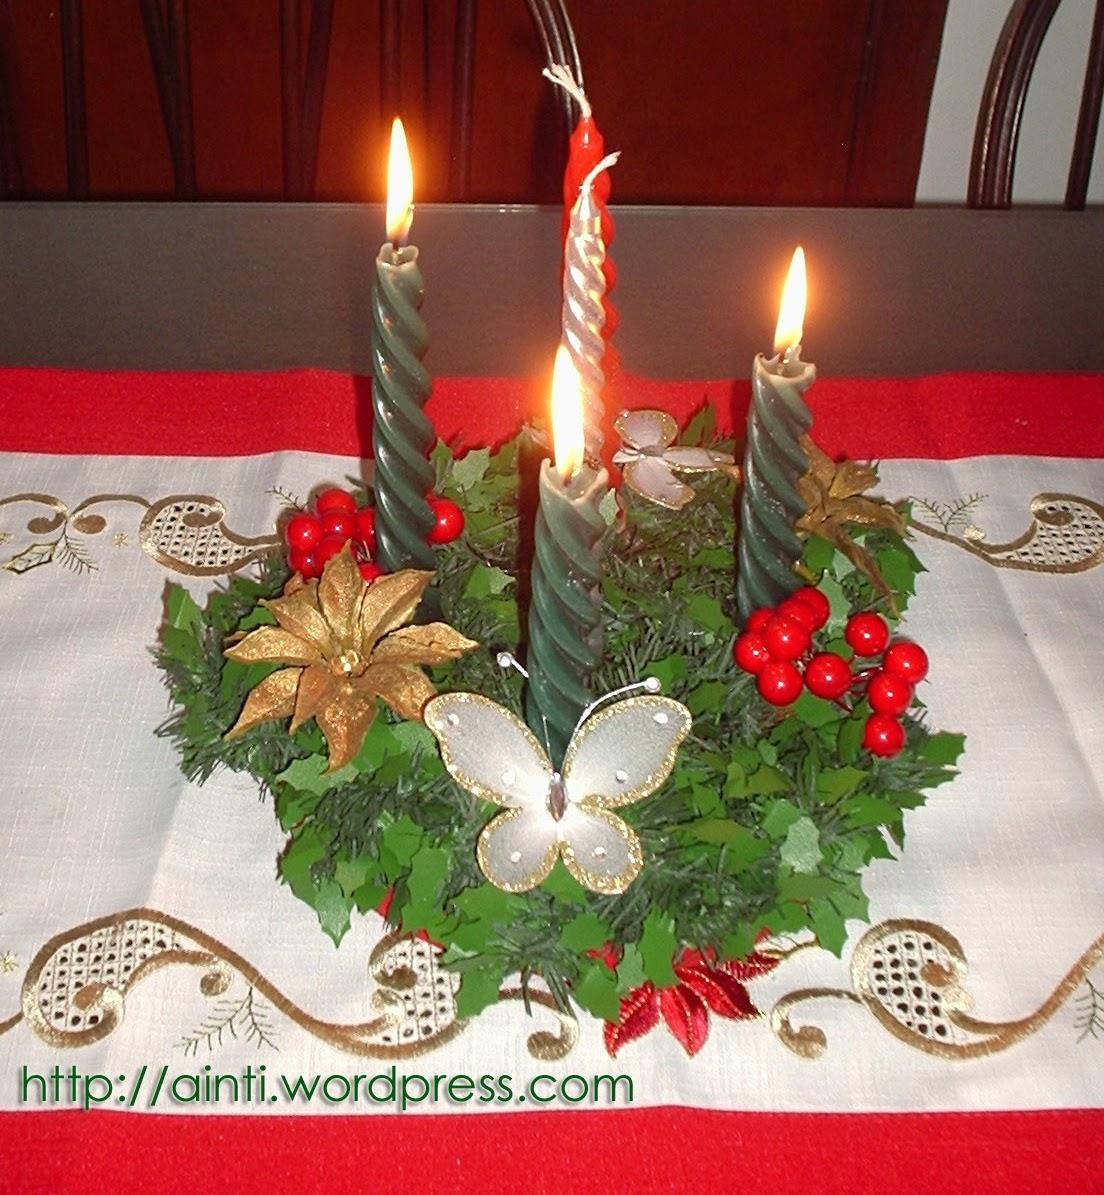 imagen de corona de adviento para navidad